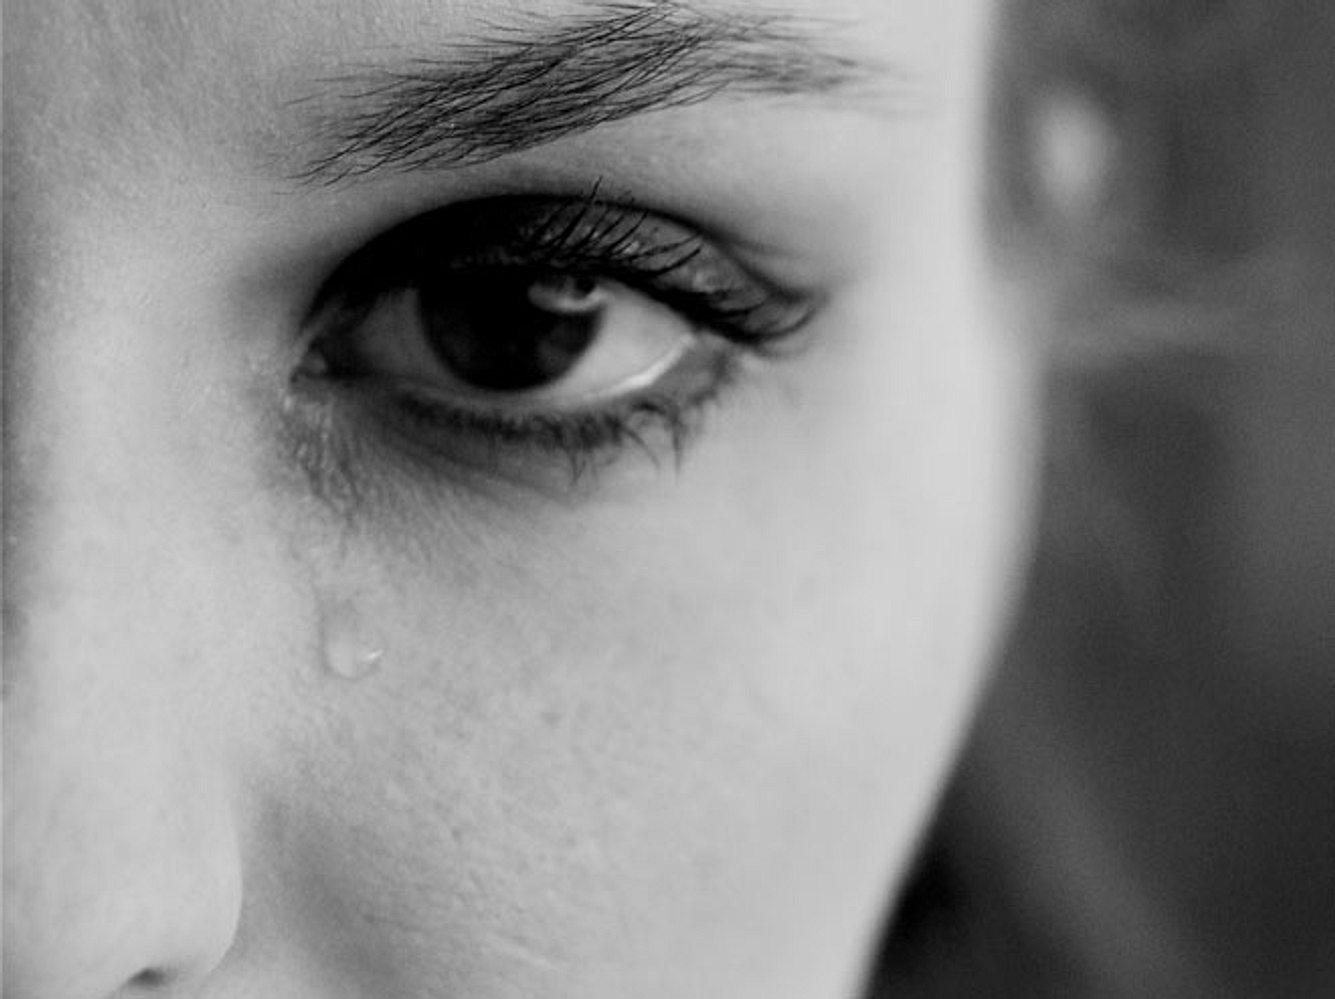 Wie sehr Kinder unter einer narzisstischen Persönlichkeitsstörung ihrer Eltern leiden können, zeigt die Geschichte von Gabriele Nicoleta, Tochter einer narzisstischen Mutter.